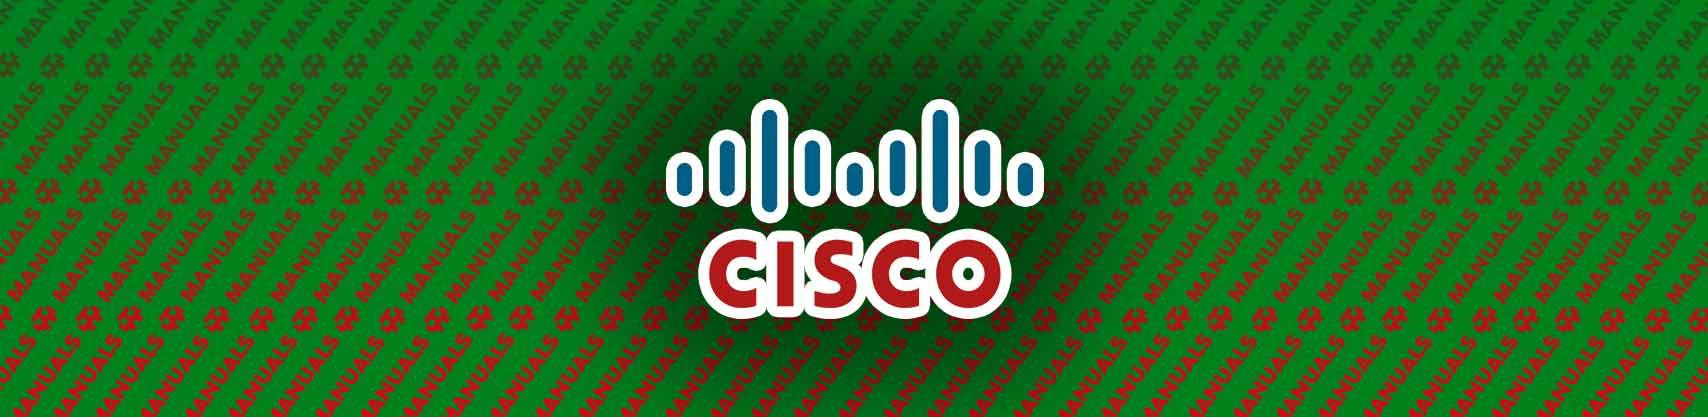 Cisco Air LAP1142N A K9 Manual